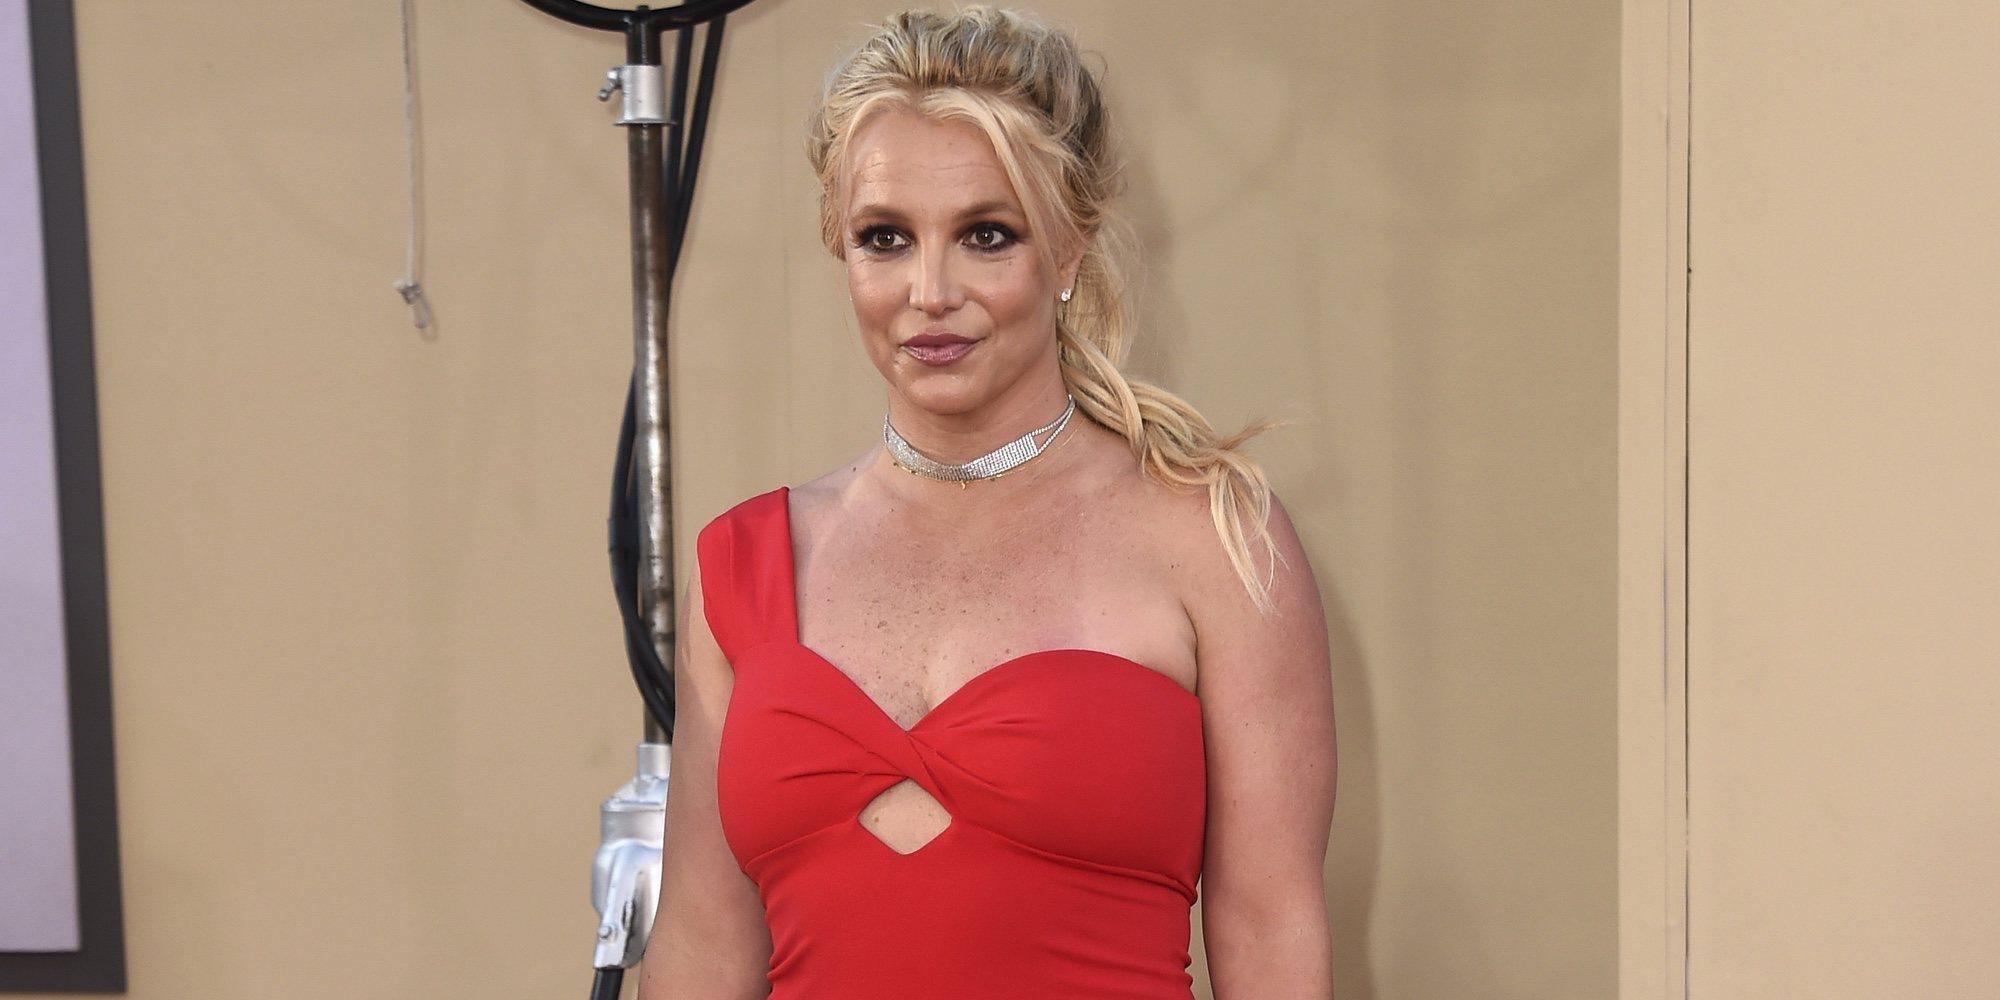 El padre de Britney Spears, Jamie Spears, renuncia a la tutela de su hija por motivos de salud